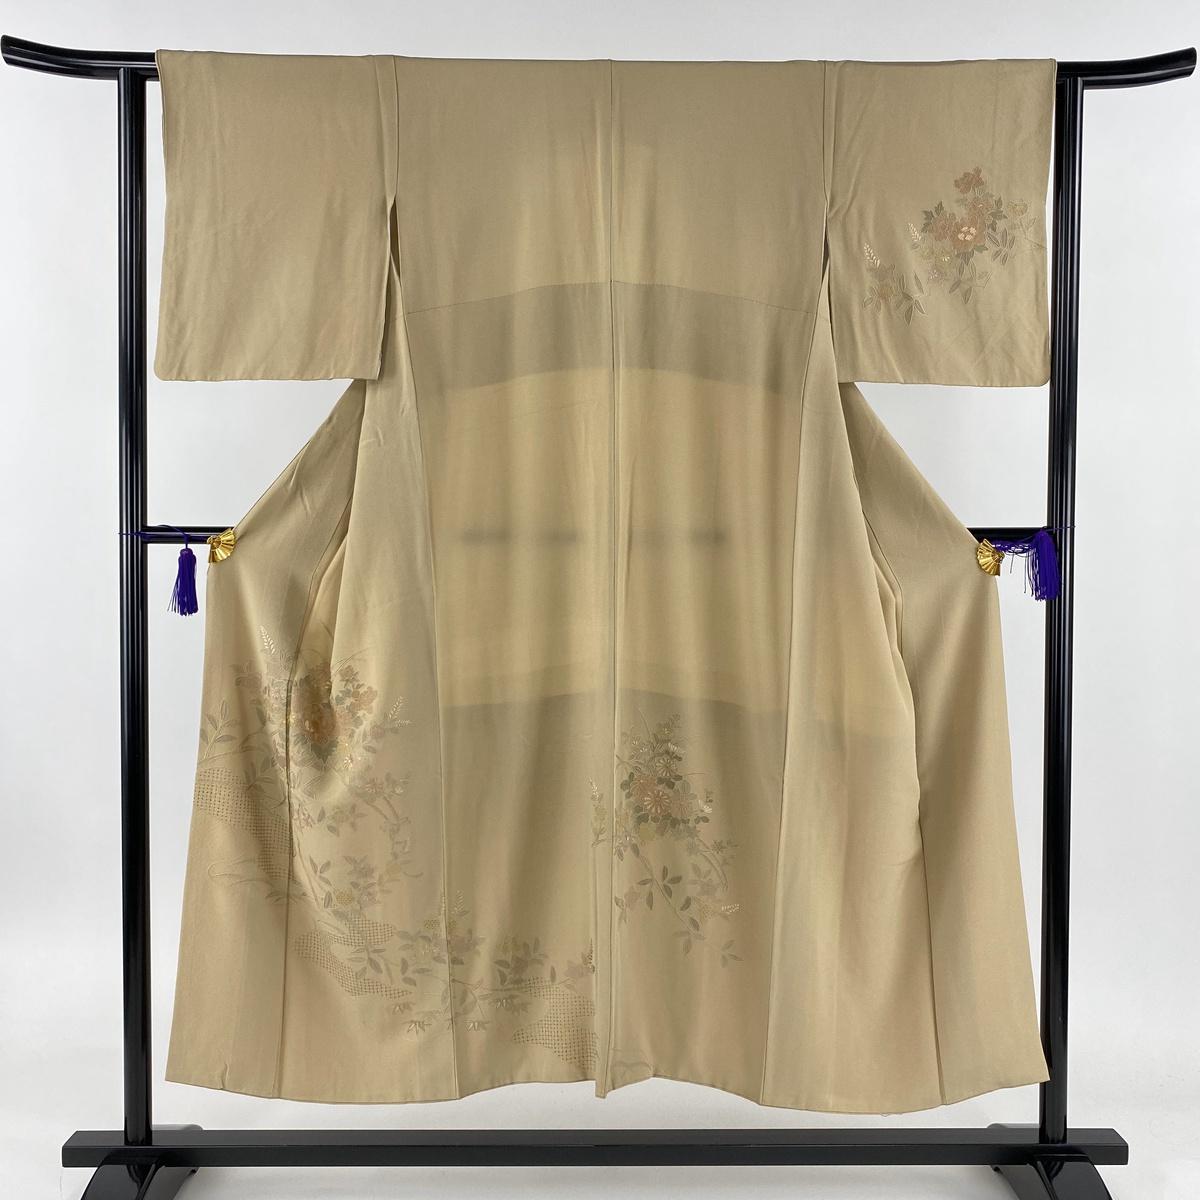 訪問着 名品 花車 流水 汕頭刺繍 ベージュ 袷 身丈148cm 裄丈61cm S 正絹 【中古】